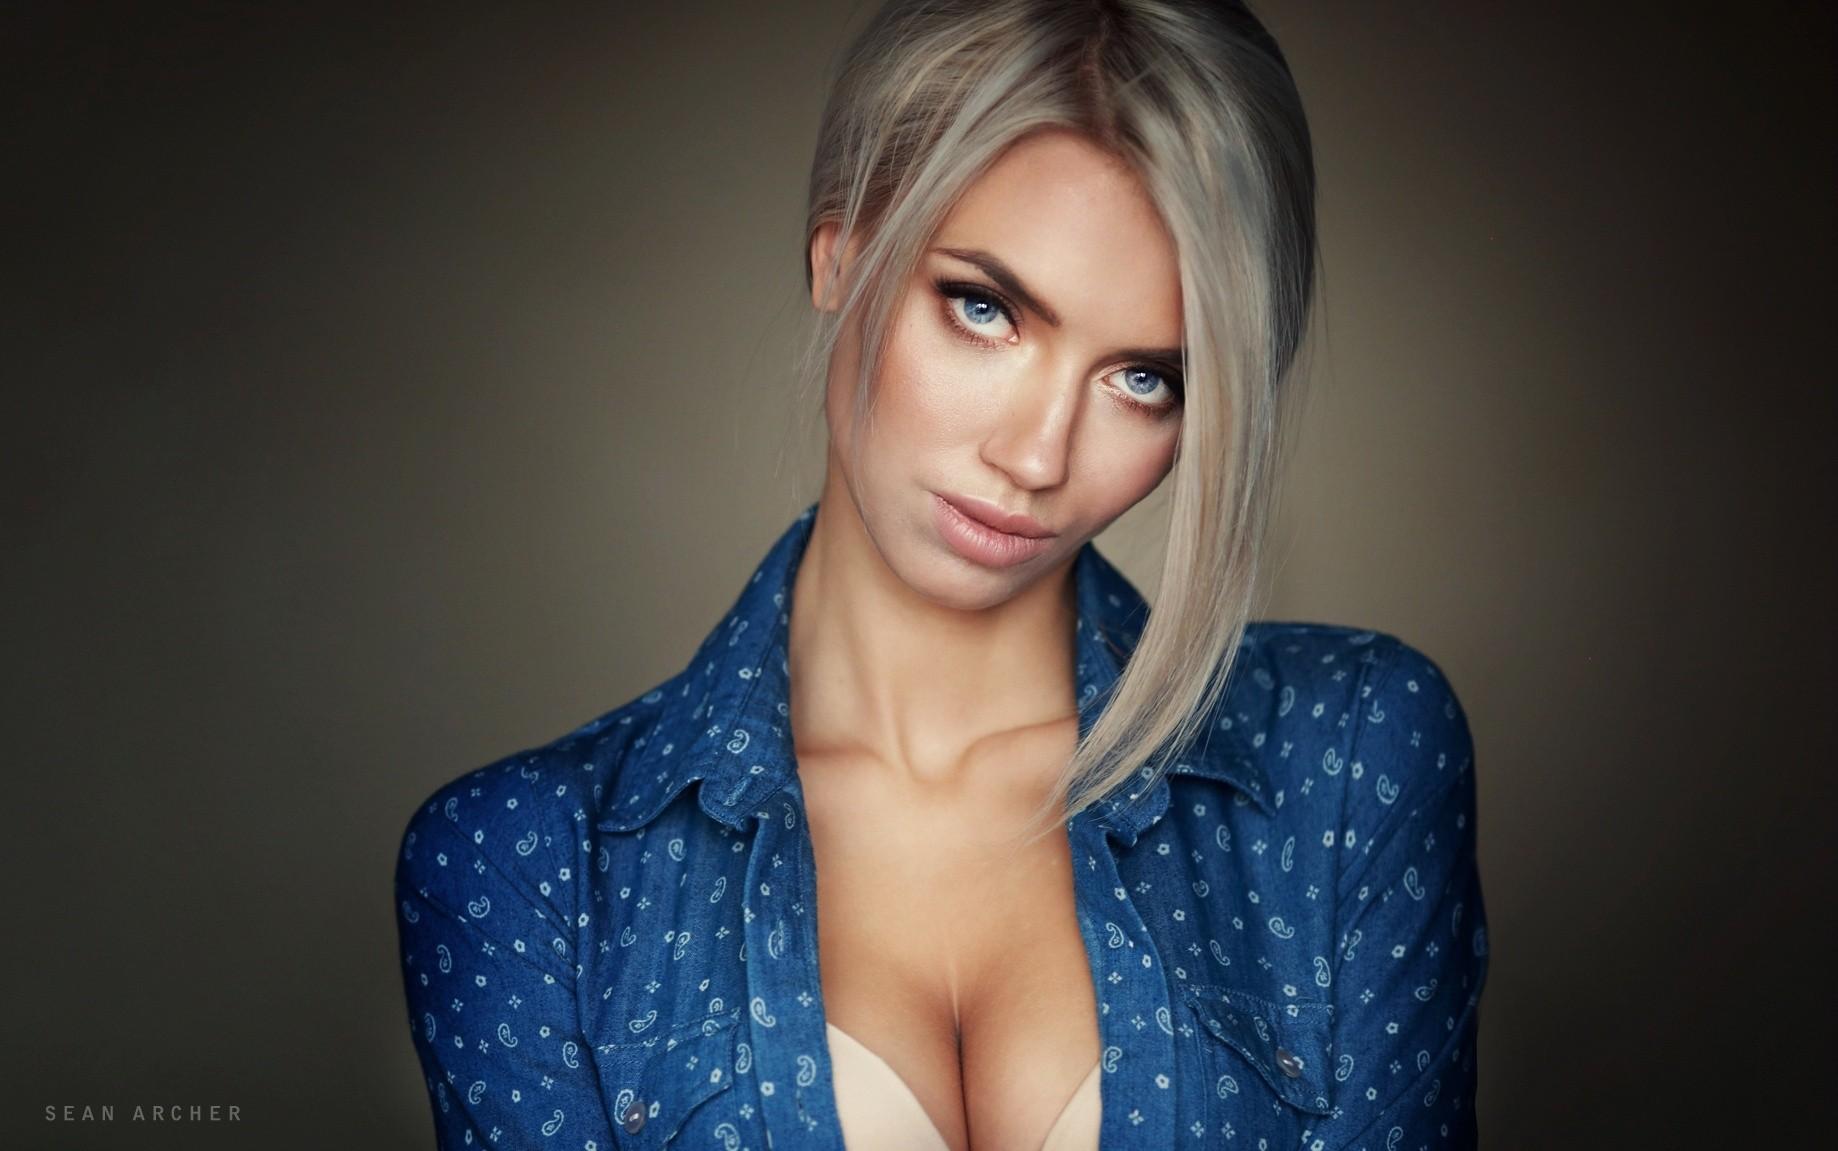 Wallpaper Face Women Model Brunette Singer Blue: Wallpaper : Face, Women, Model, Blonde, Simple Background